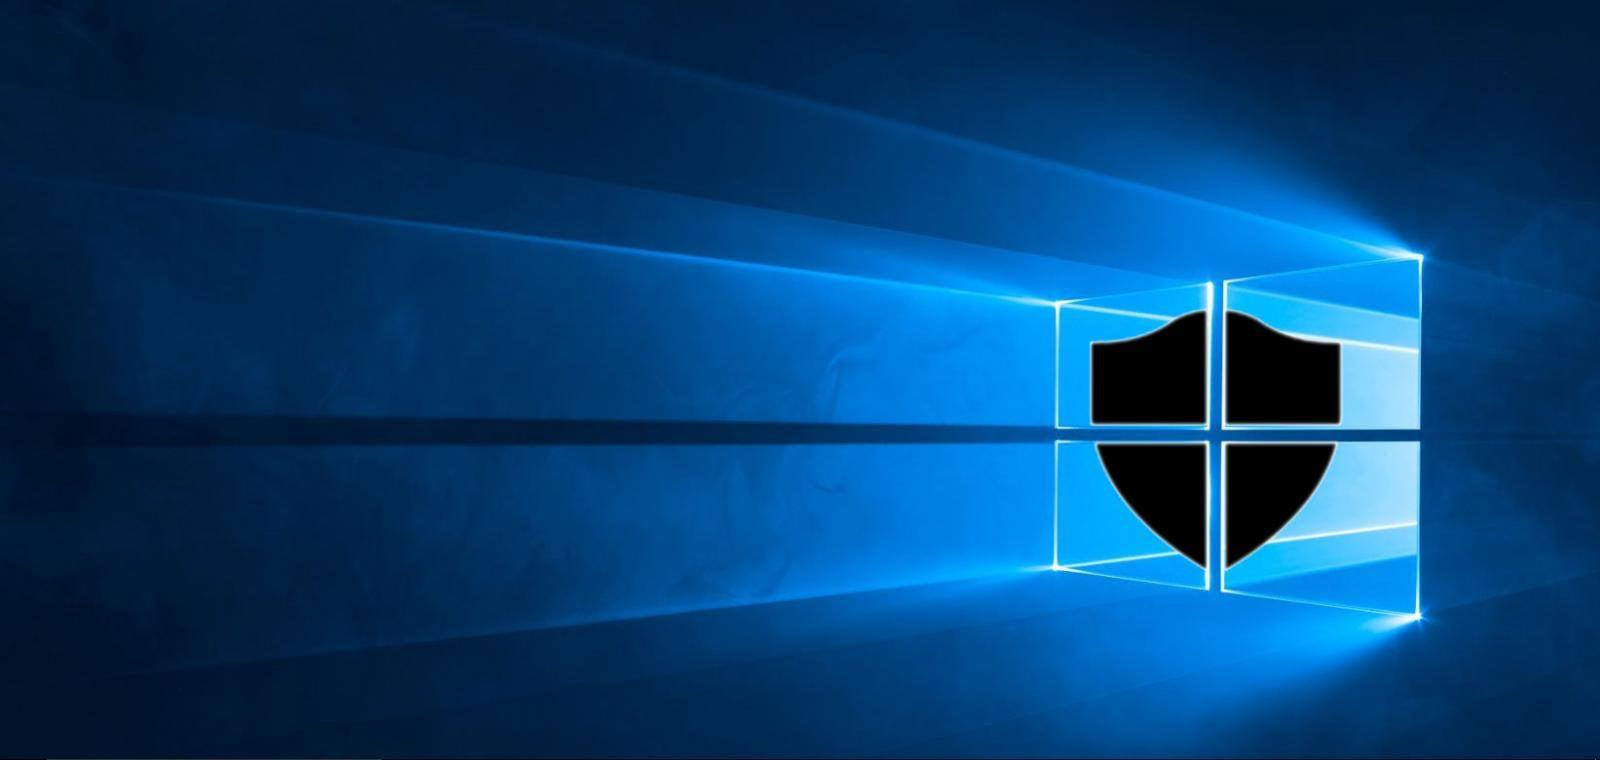 Windows Defender no se apagará incluso si hay instalado un antivirus de terceros. 2